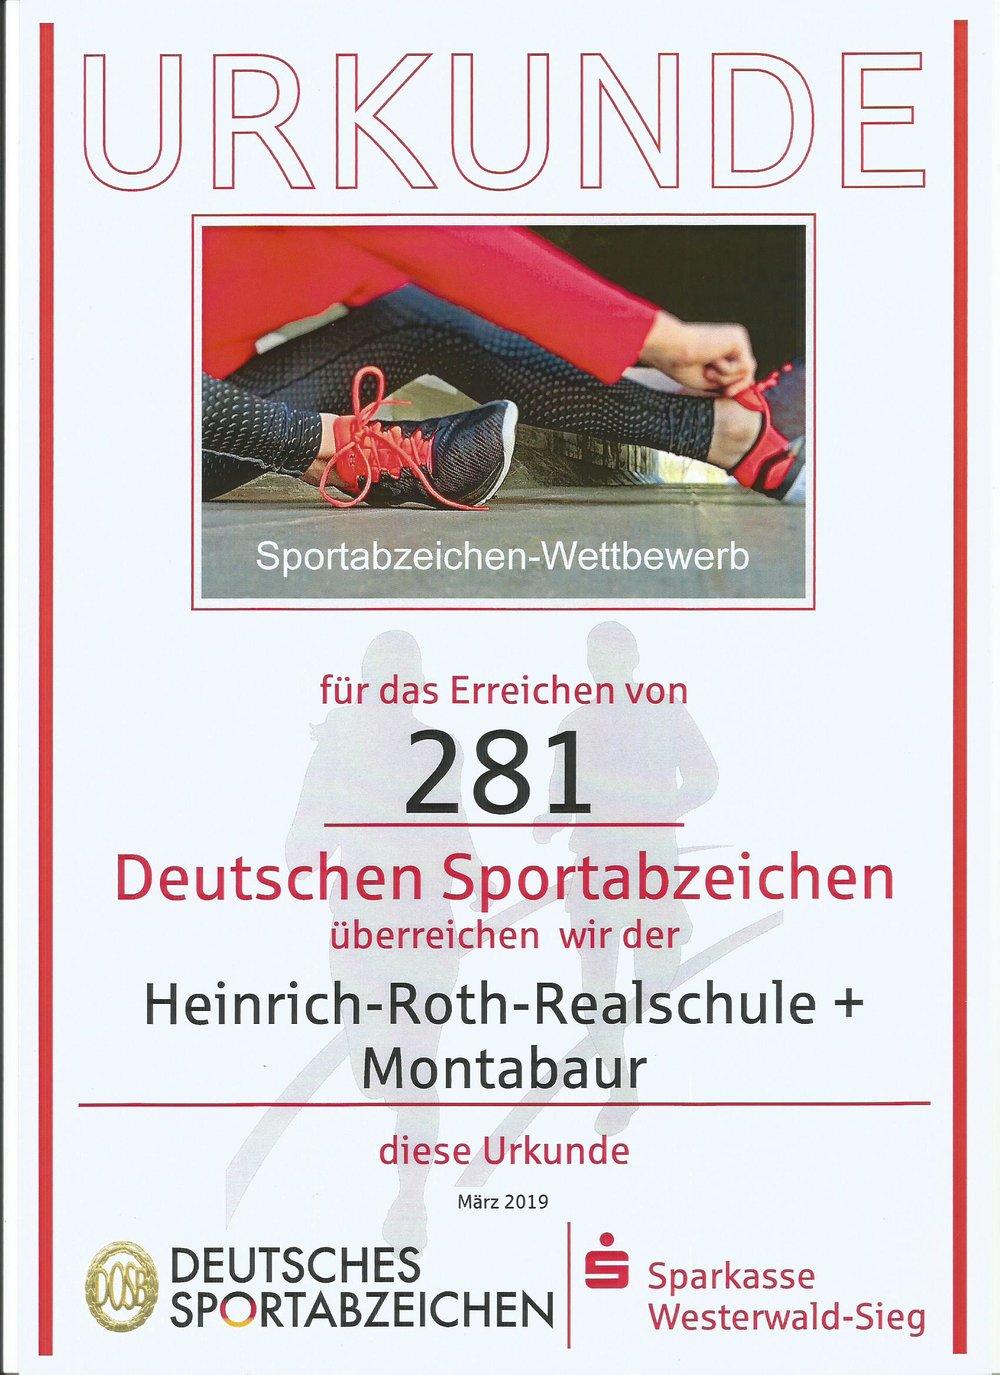 Deutsches Sportabzeichen 2018.jpeg